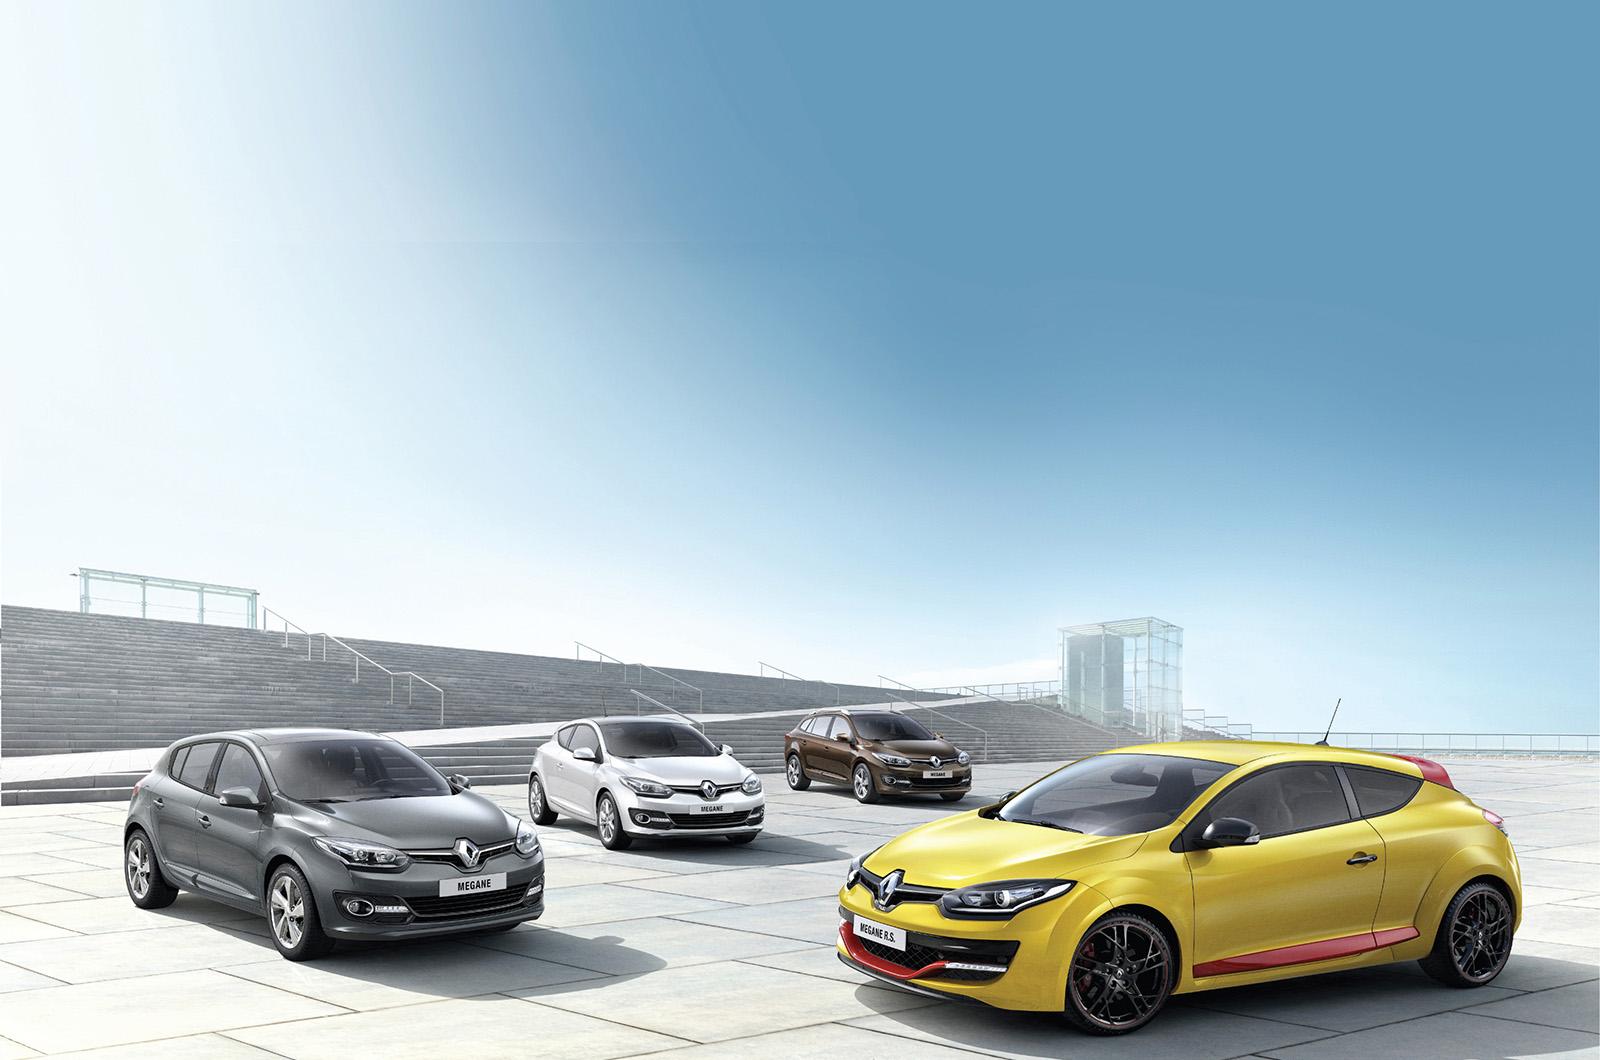 Обновленный Renault Megane покажут на Франкфуртском автосалоне